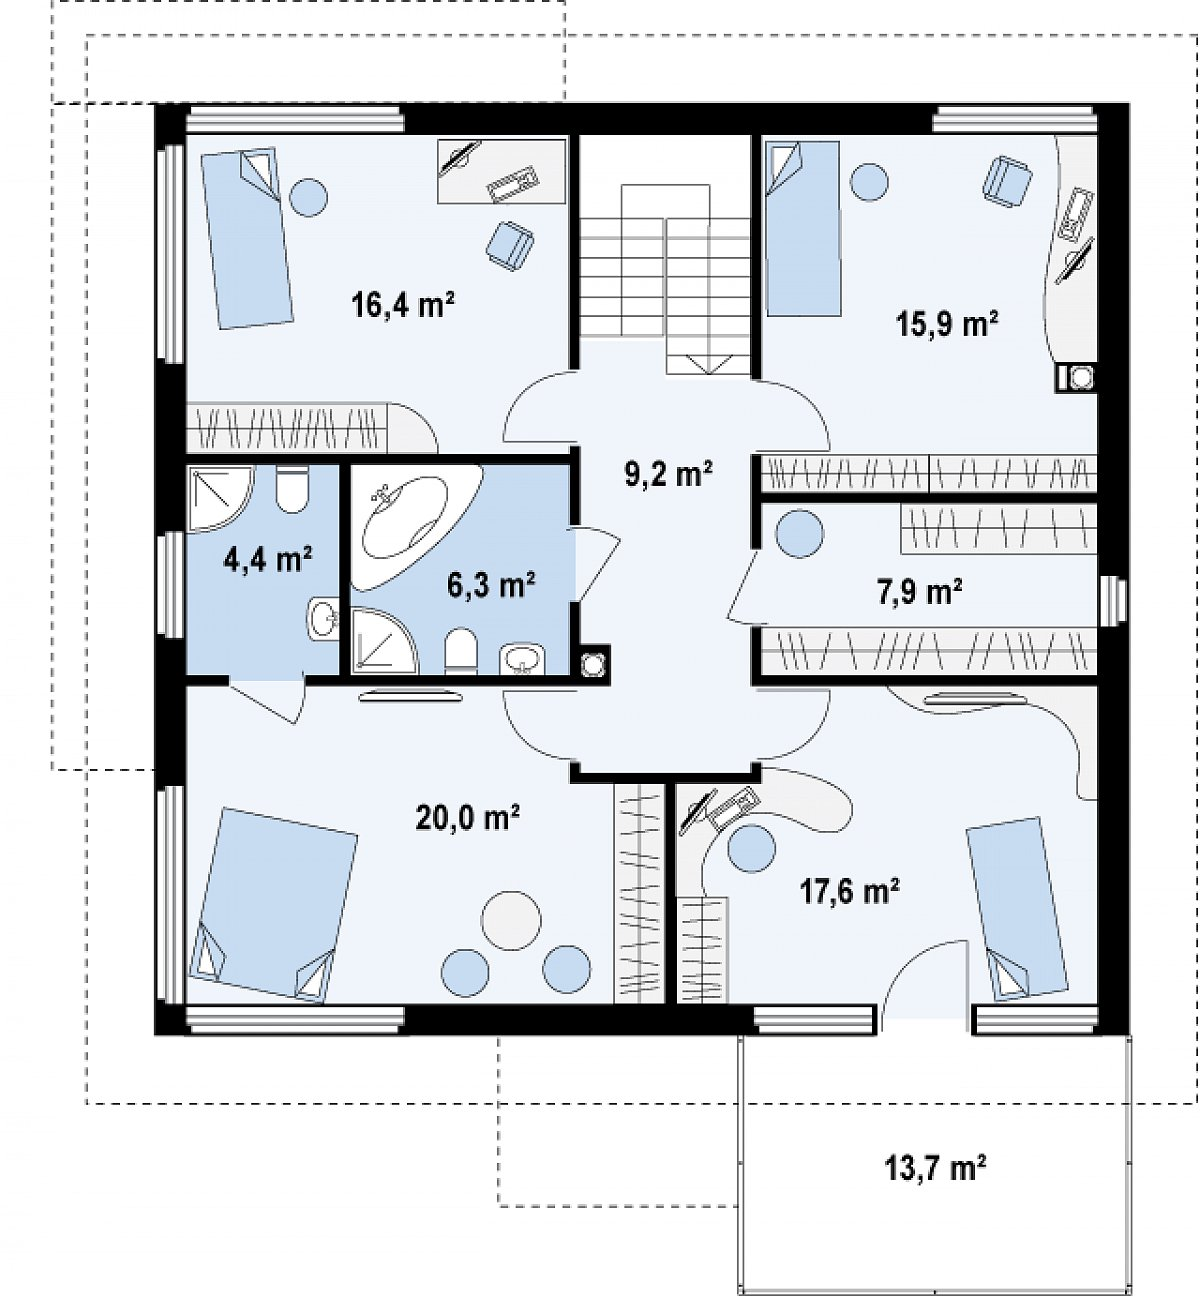 Второй этаж 97,7м² дома Zx7